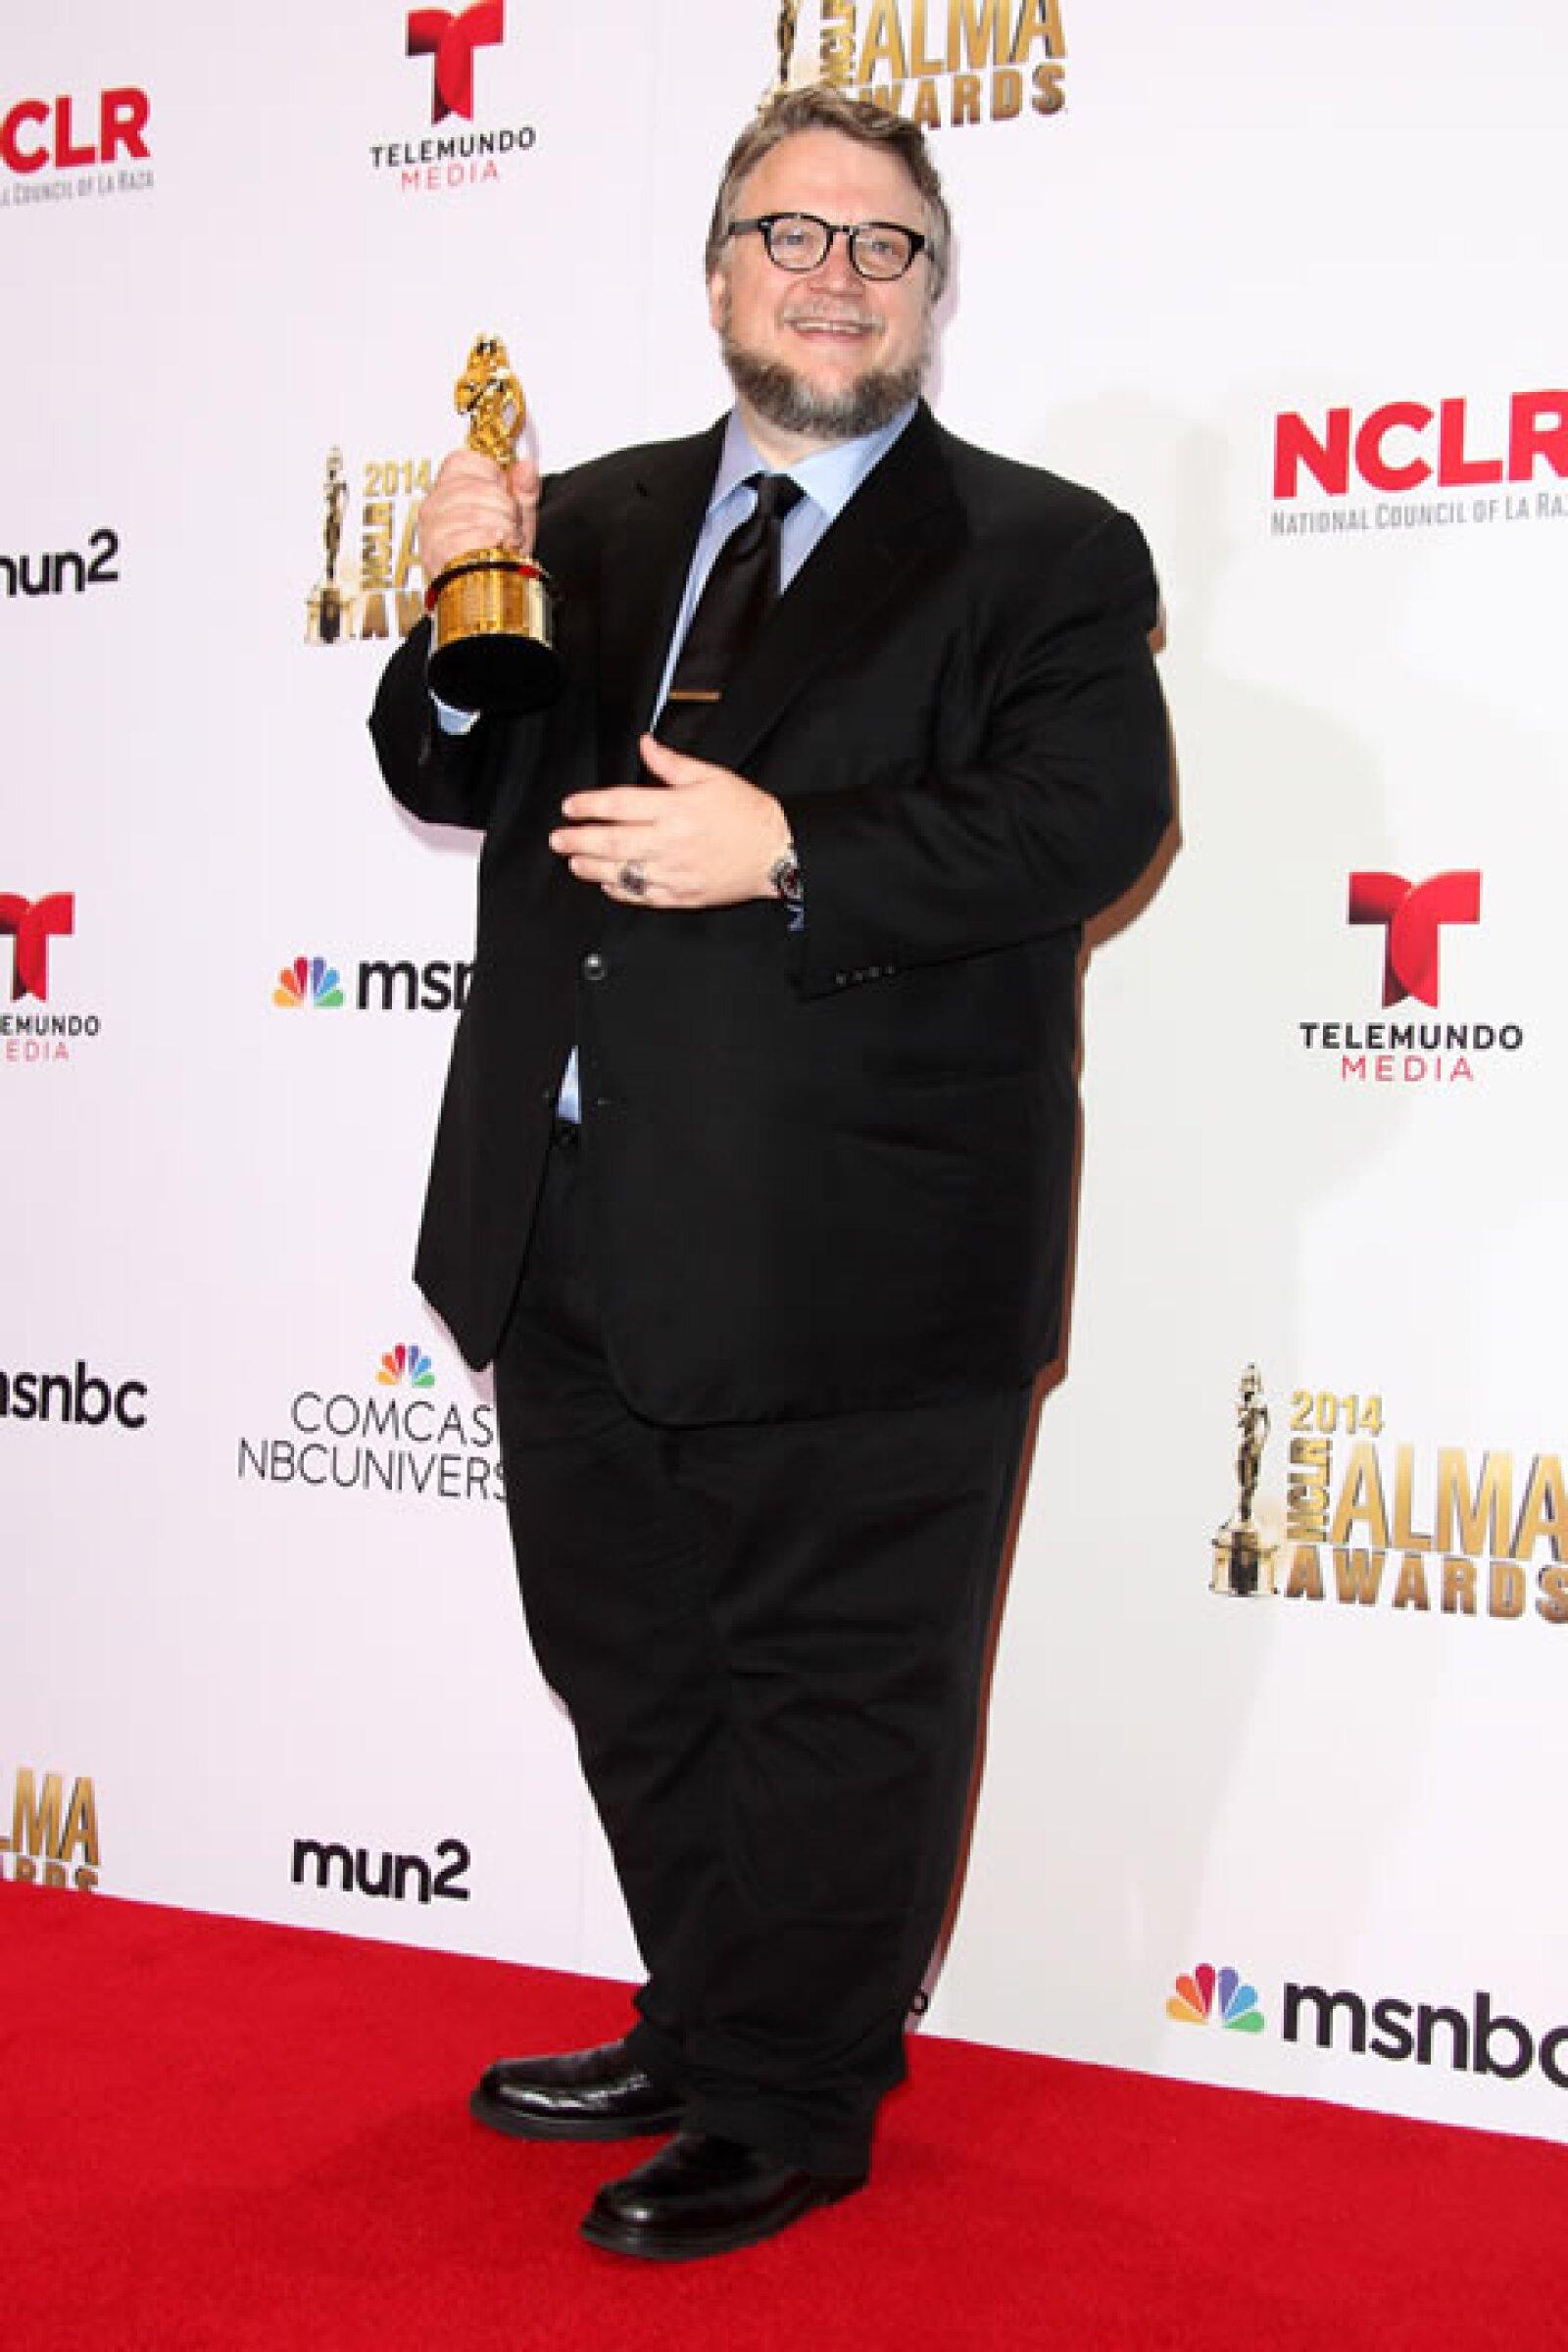 Guillermo del Toro ganó un reconocimiento por su excelencia en la industria cinematográfica.